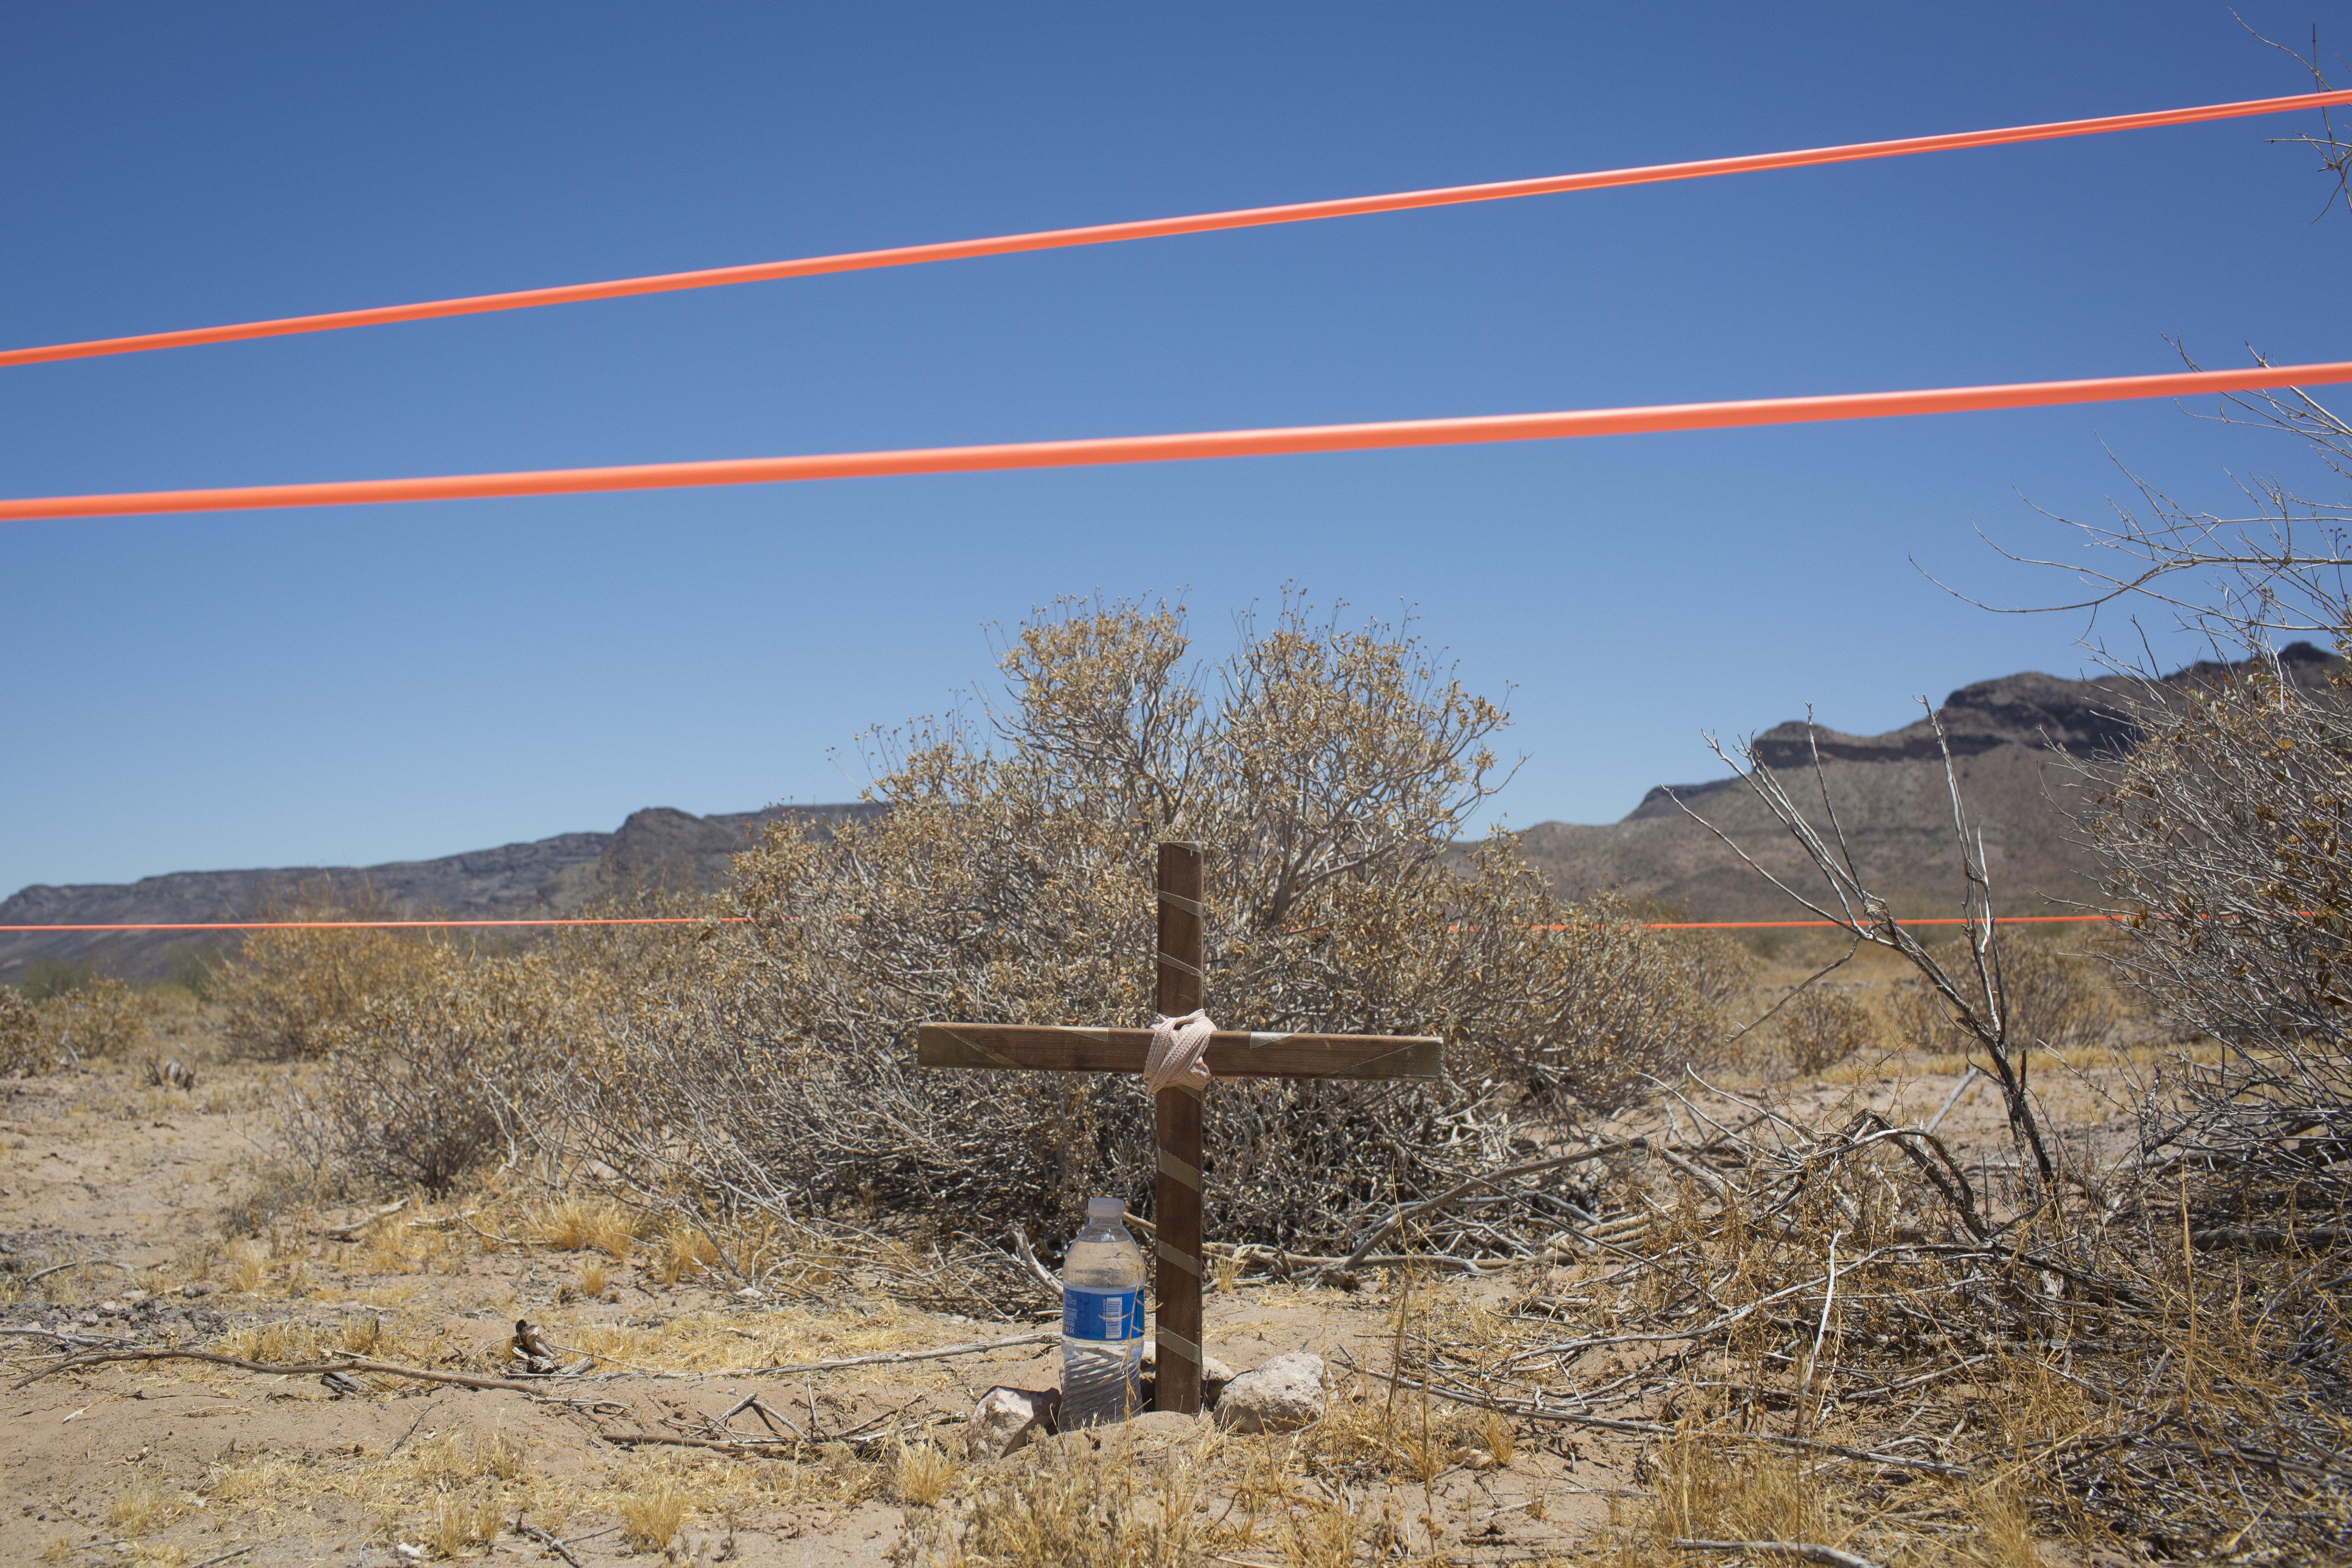 Γυναίκες καταδικάστηκαν επειδή άφησαν νερό και τροφή στην έρημο για τους